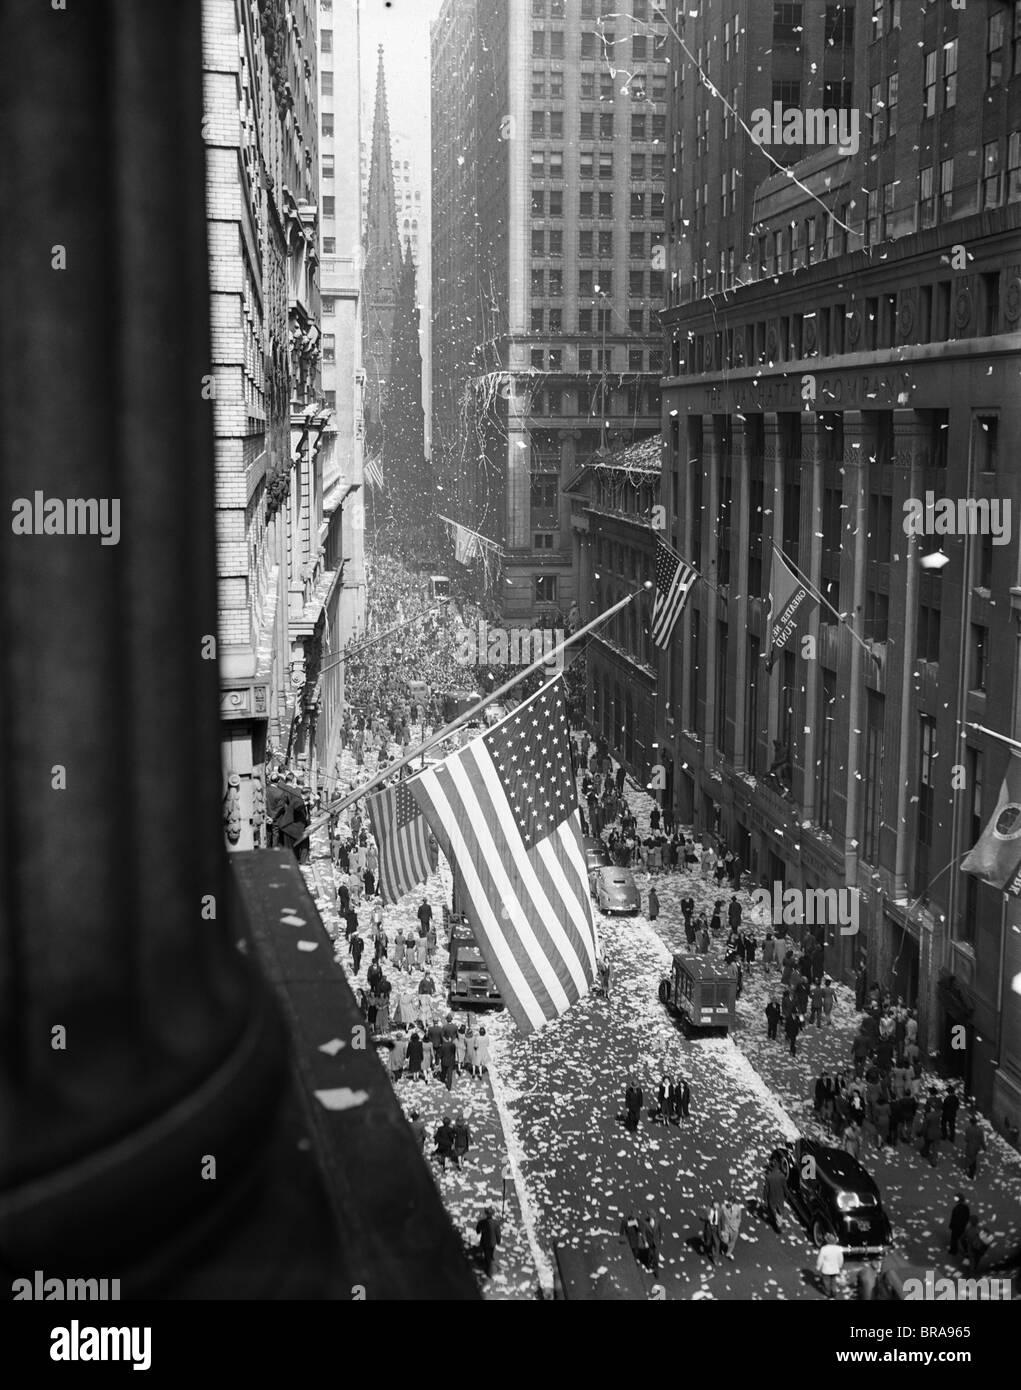 1940 1945 VUE AÉRIENNE DE LA CÉLÉBRATION DU JOUR DE LA VICTOIRE DE WALL STREET À NEW YORK AVEC Photo Stock